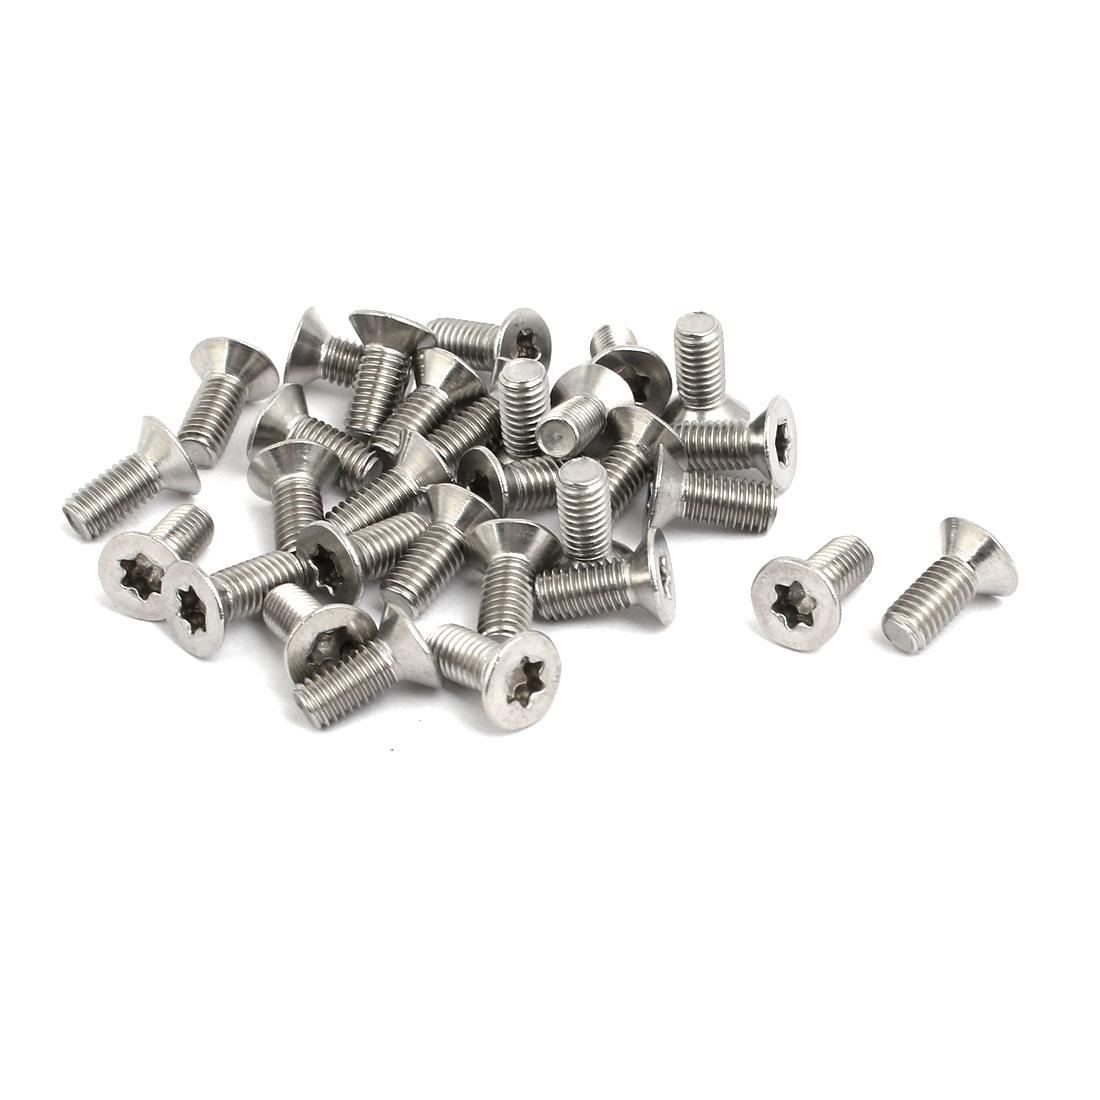 M5x12mm 304 Stainless Steel Flat Head Torx Drive Type Screw Silver Tone 30pcs